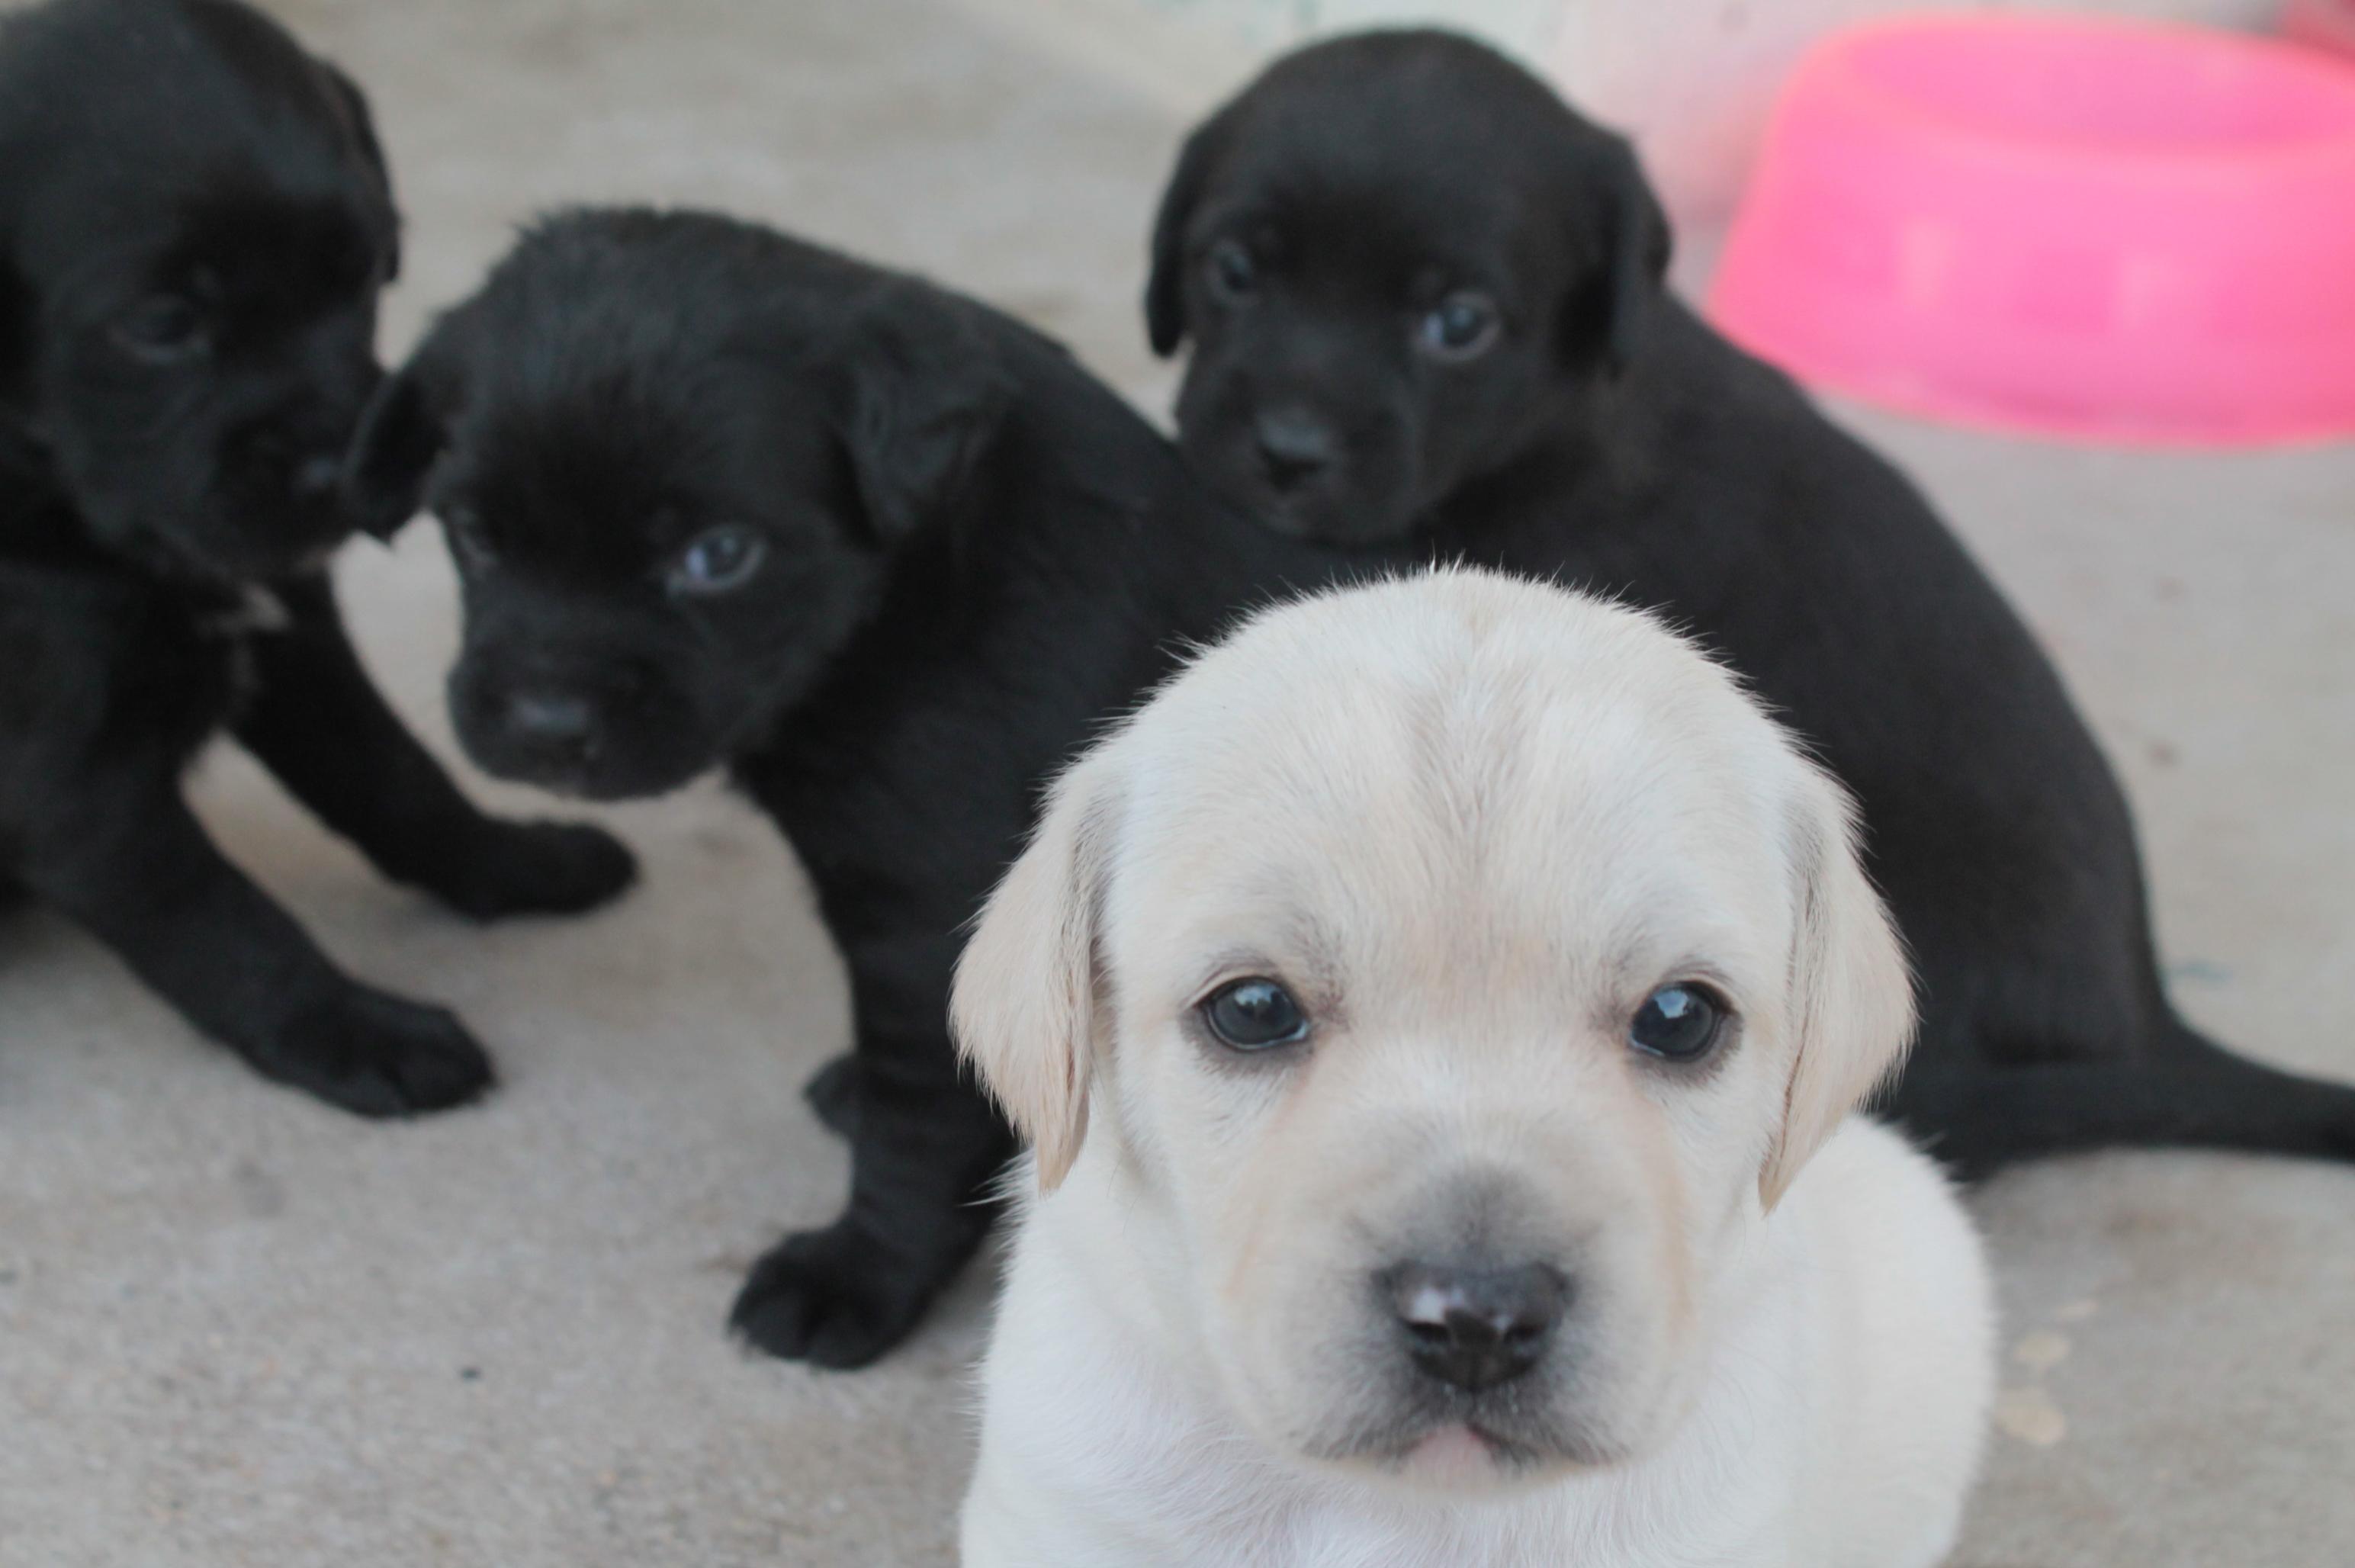 Doação de filhote de cachorro macho com pelo curto e de porte médio  #BE0D53 3088x2056 Aqui Não é Banheiro De Cachorro